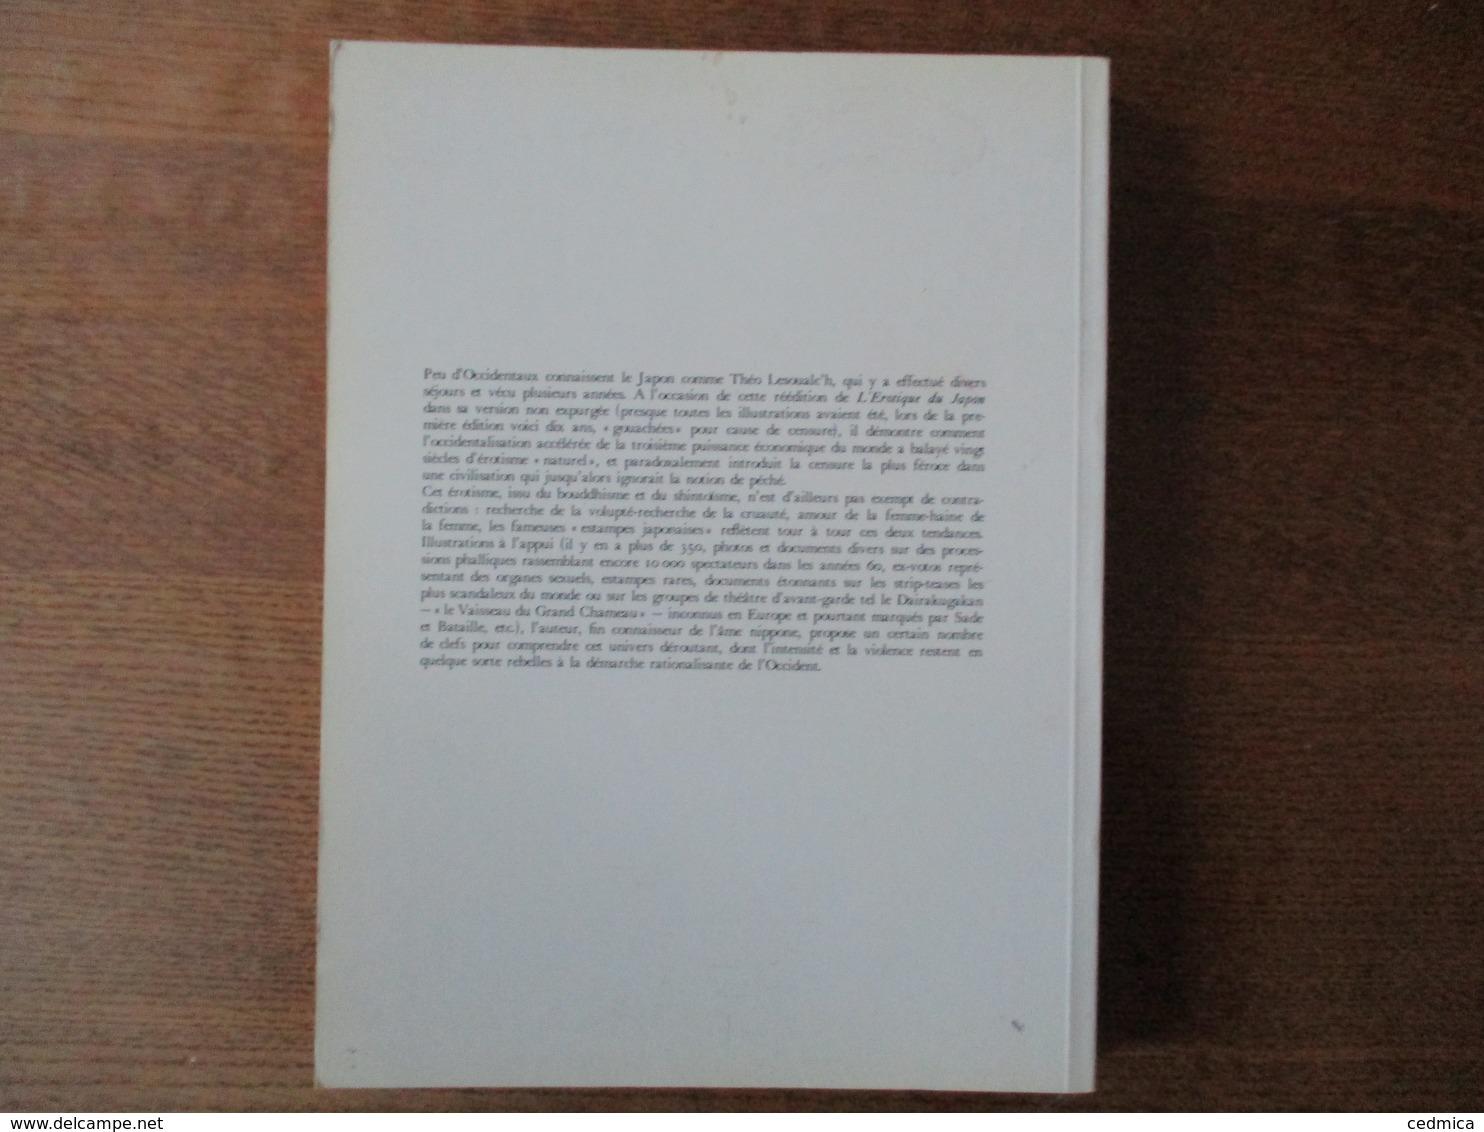 EROTIQUE DU JAPON  THEO LESOUALC'H HENRI VEYRIER 1978 - Art